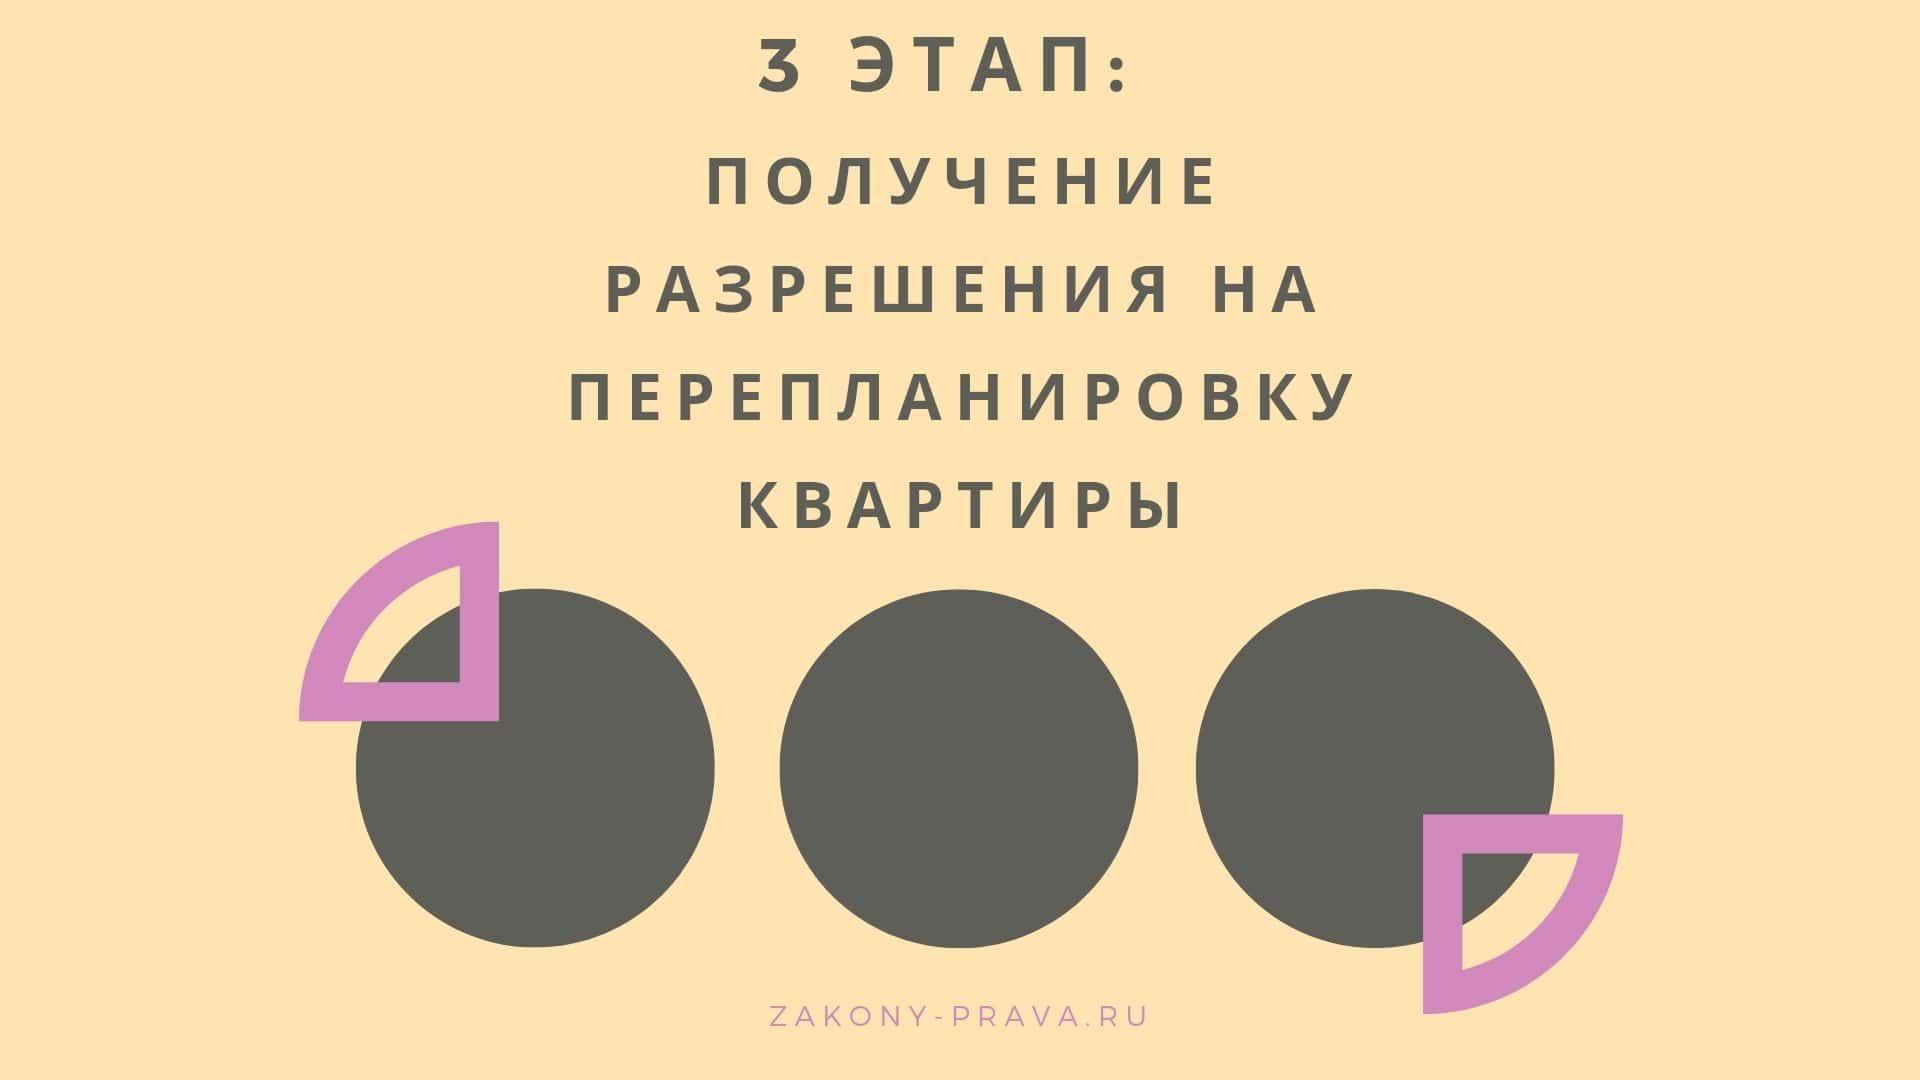 3 этап - получение разрешения на перепланировку квартиры